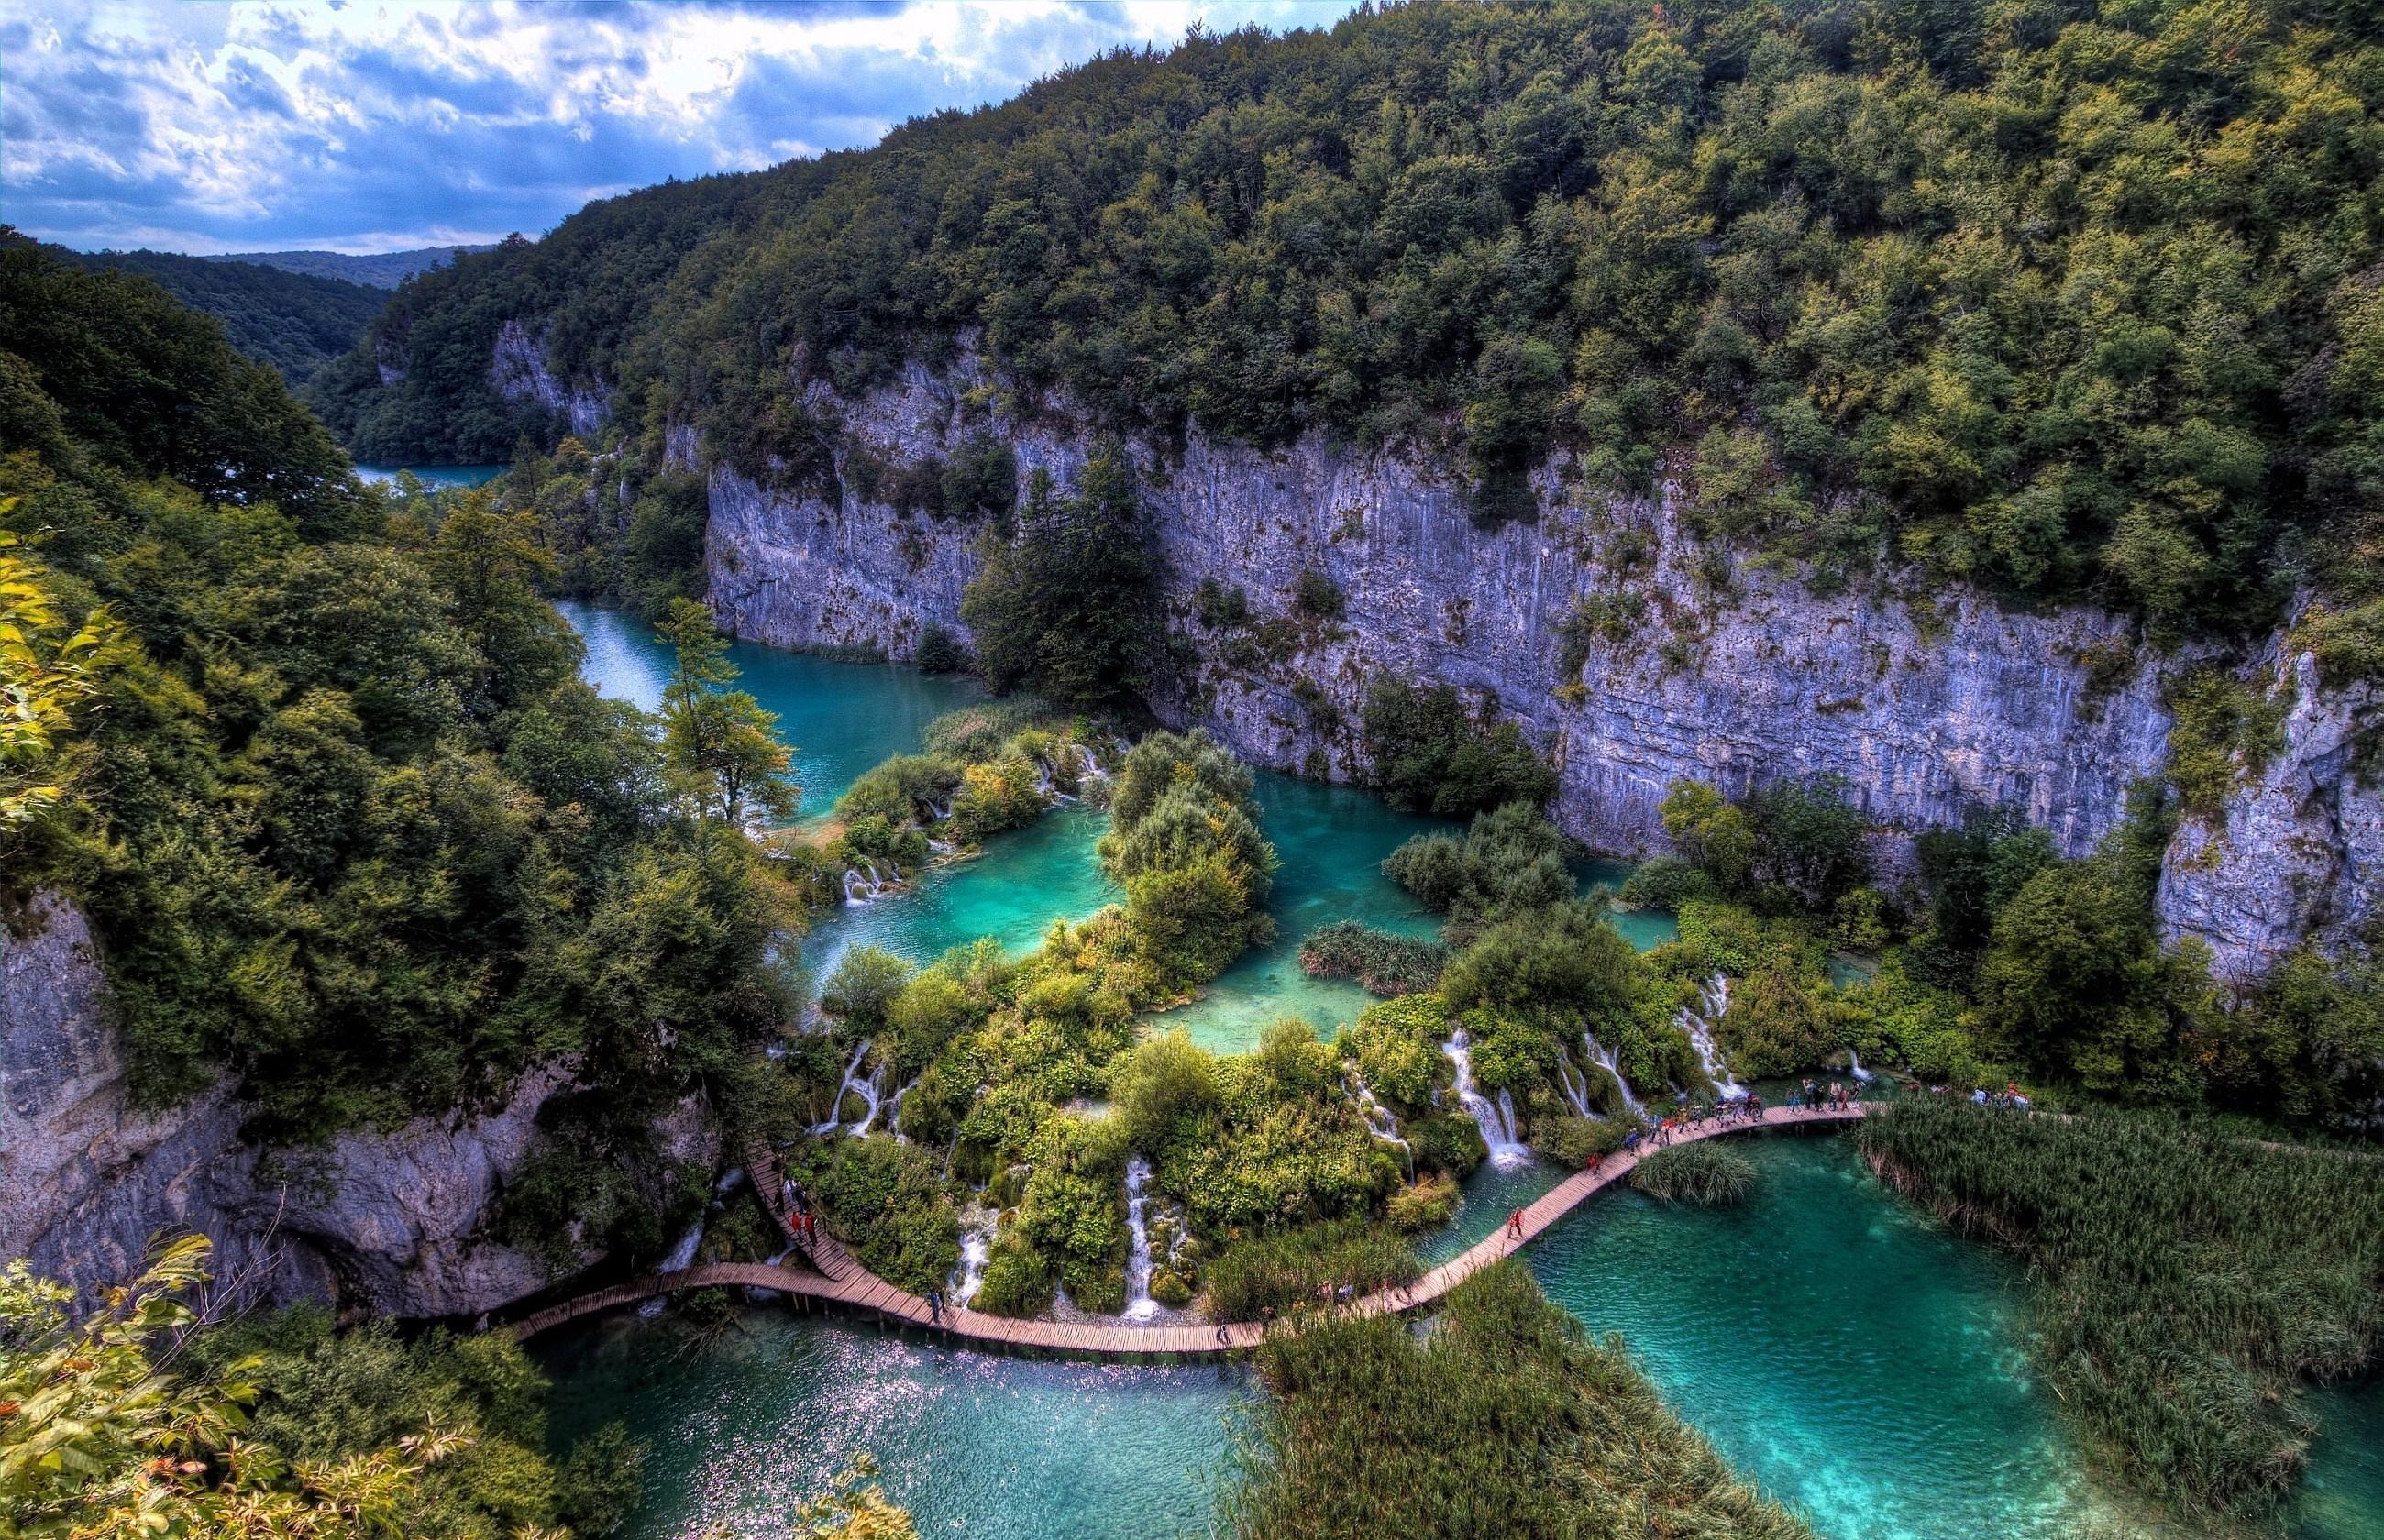 красивейшие места мира фото высокого разрешения благодаря